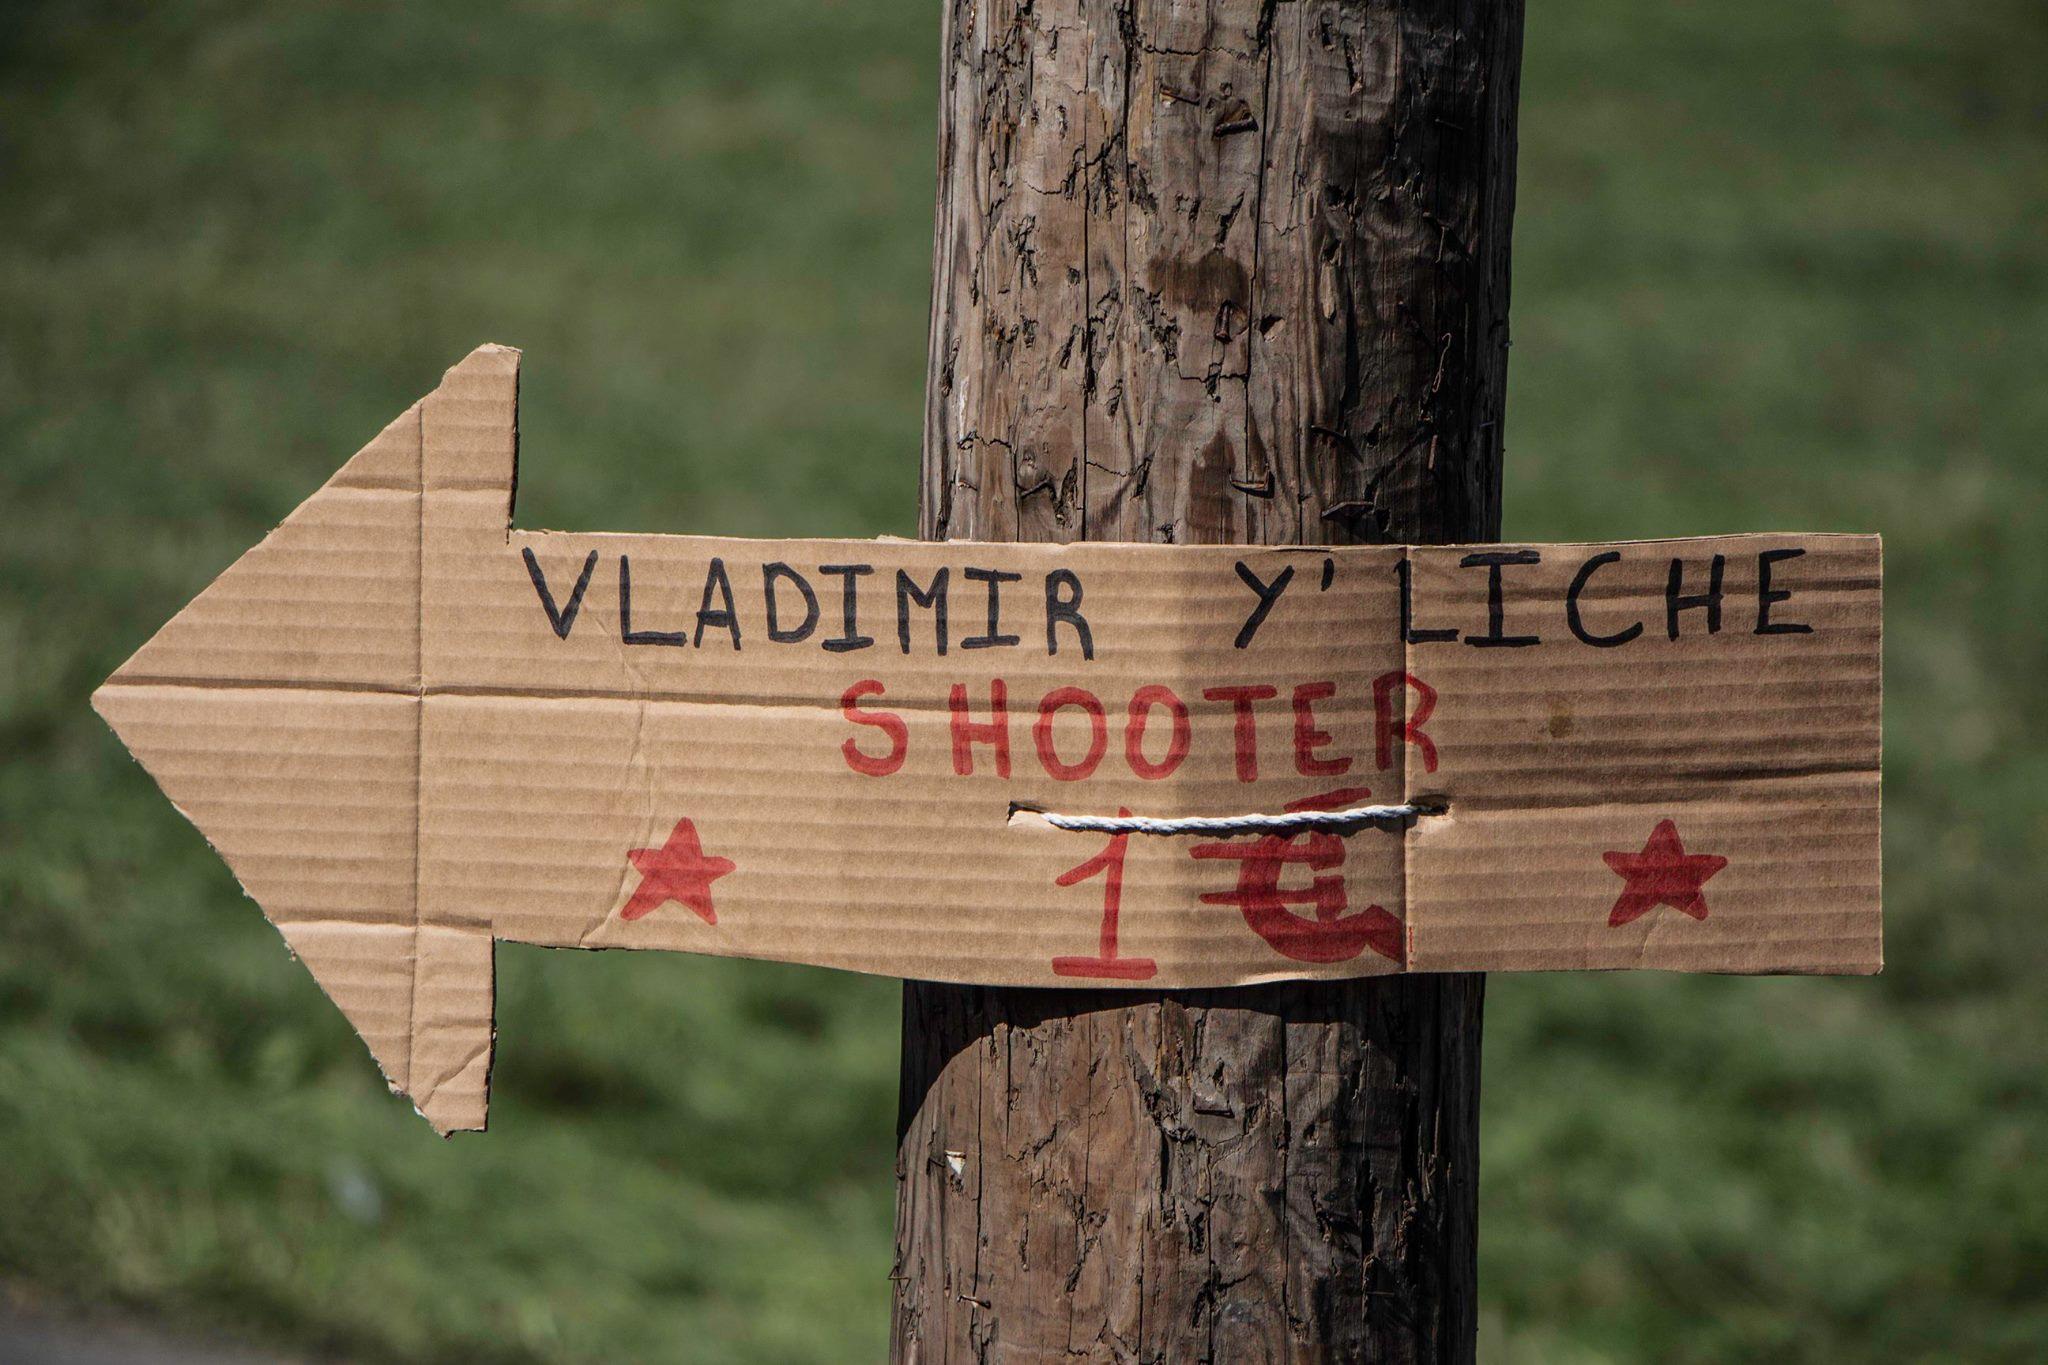 Un jeu de mot sur le nom de Lénine indique une vente de shooters - Crédit photo : Leïla Frat.